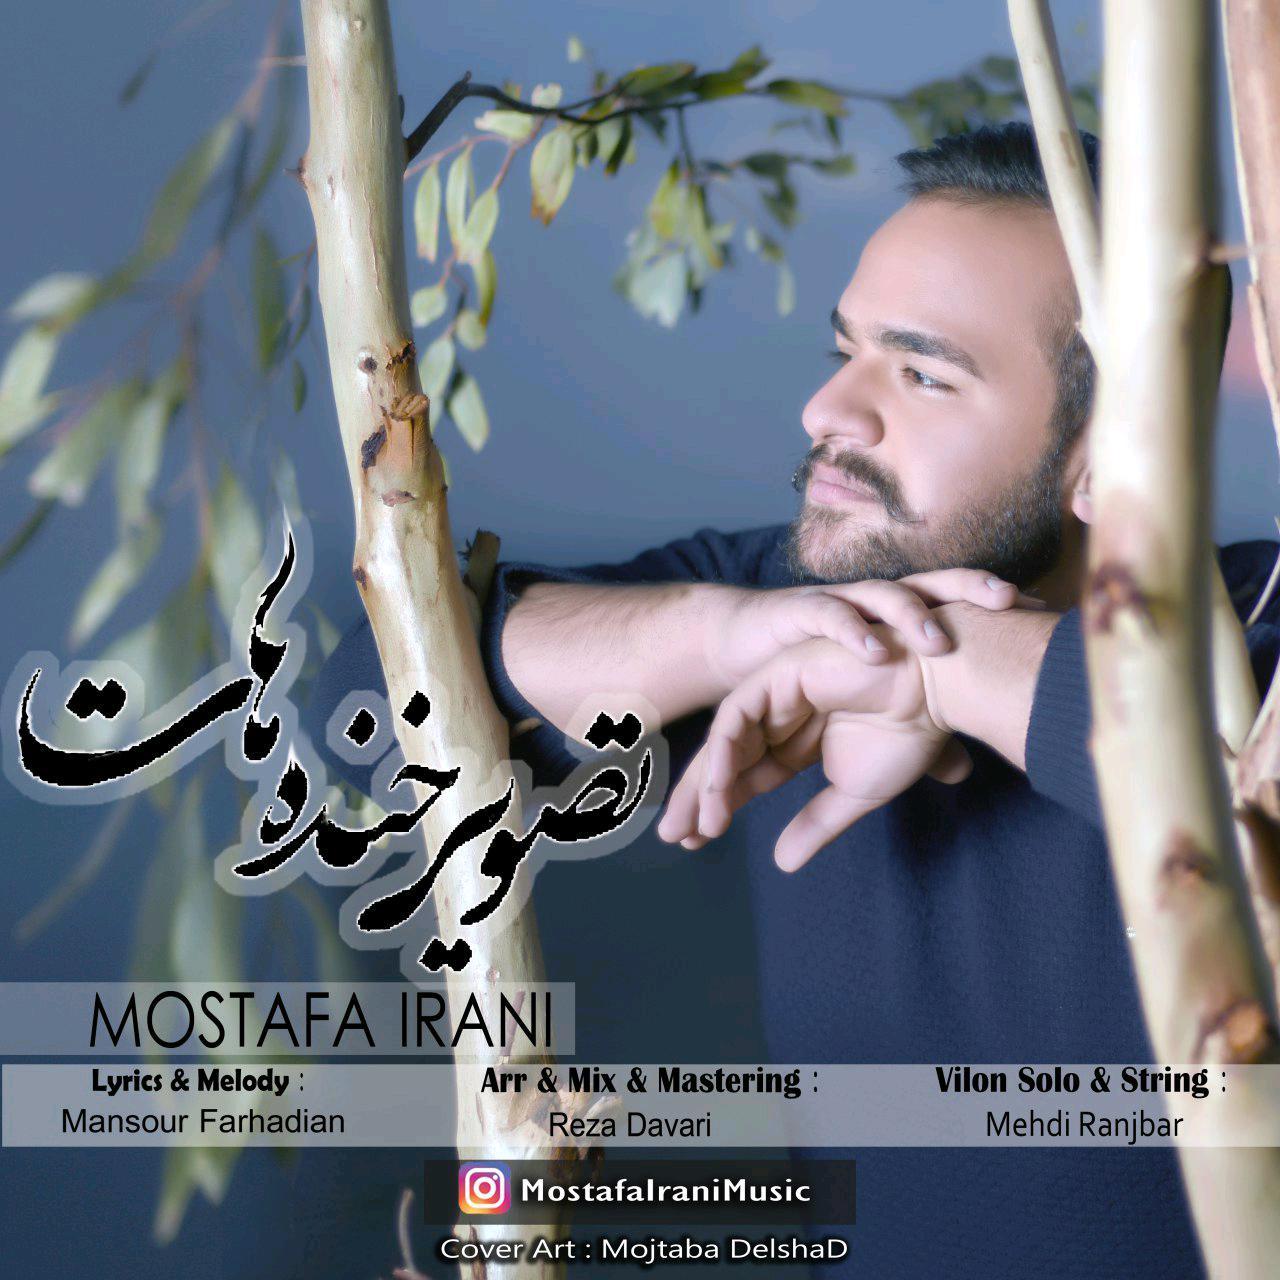 Mostafa Irani – Tasvire Khandehat